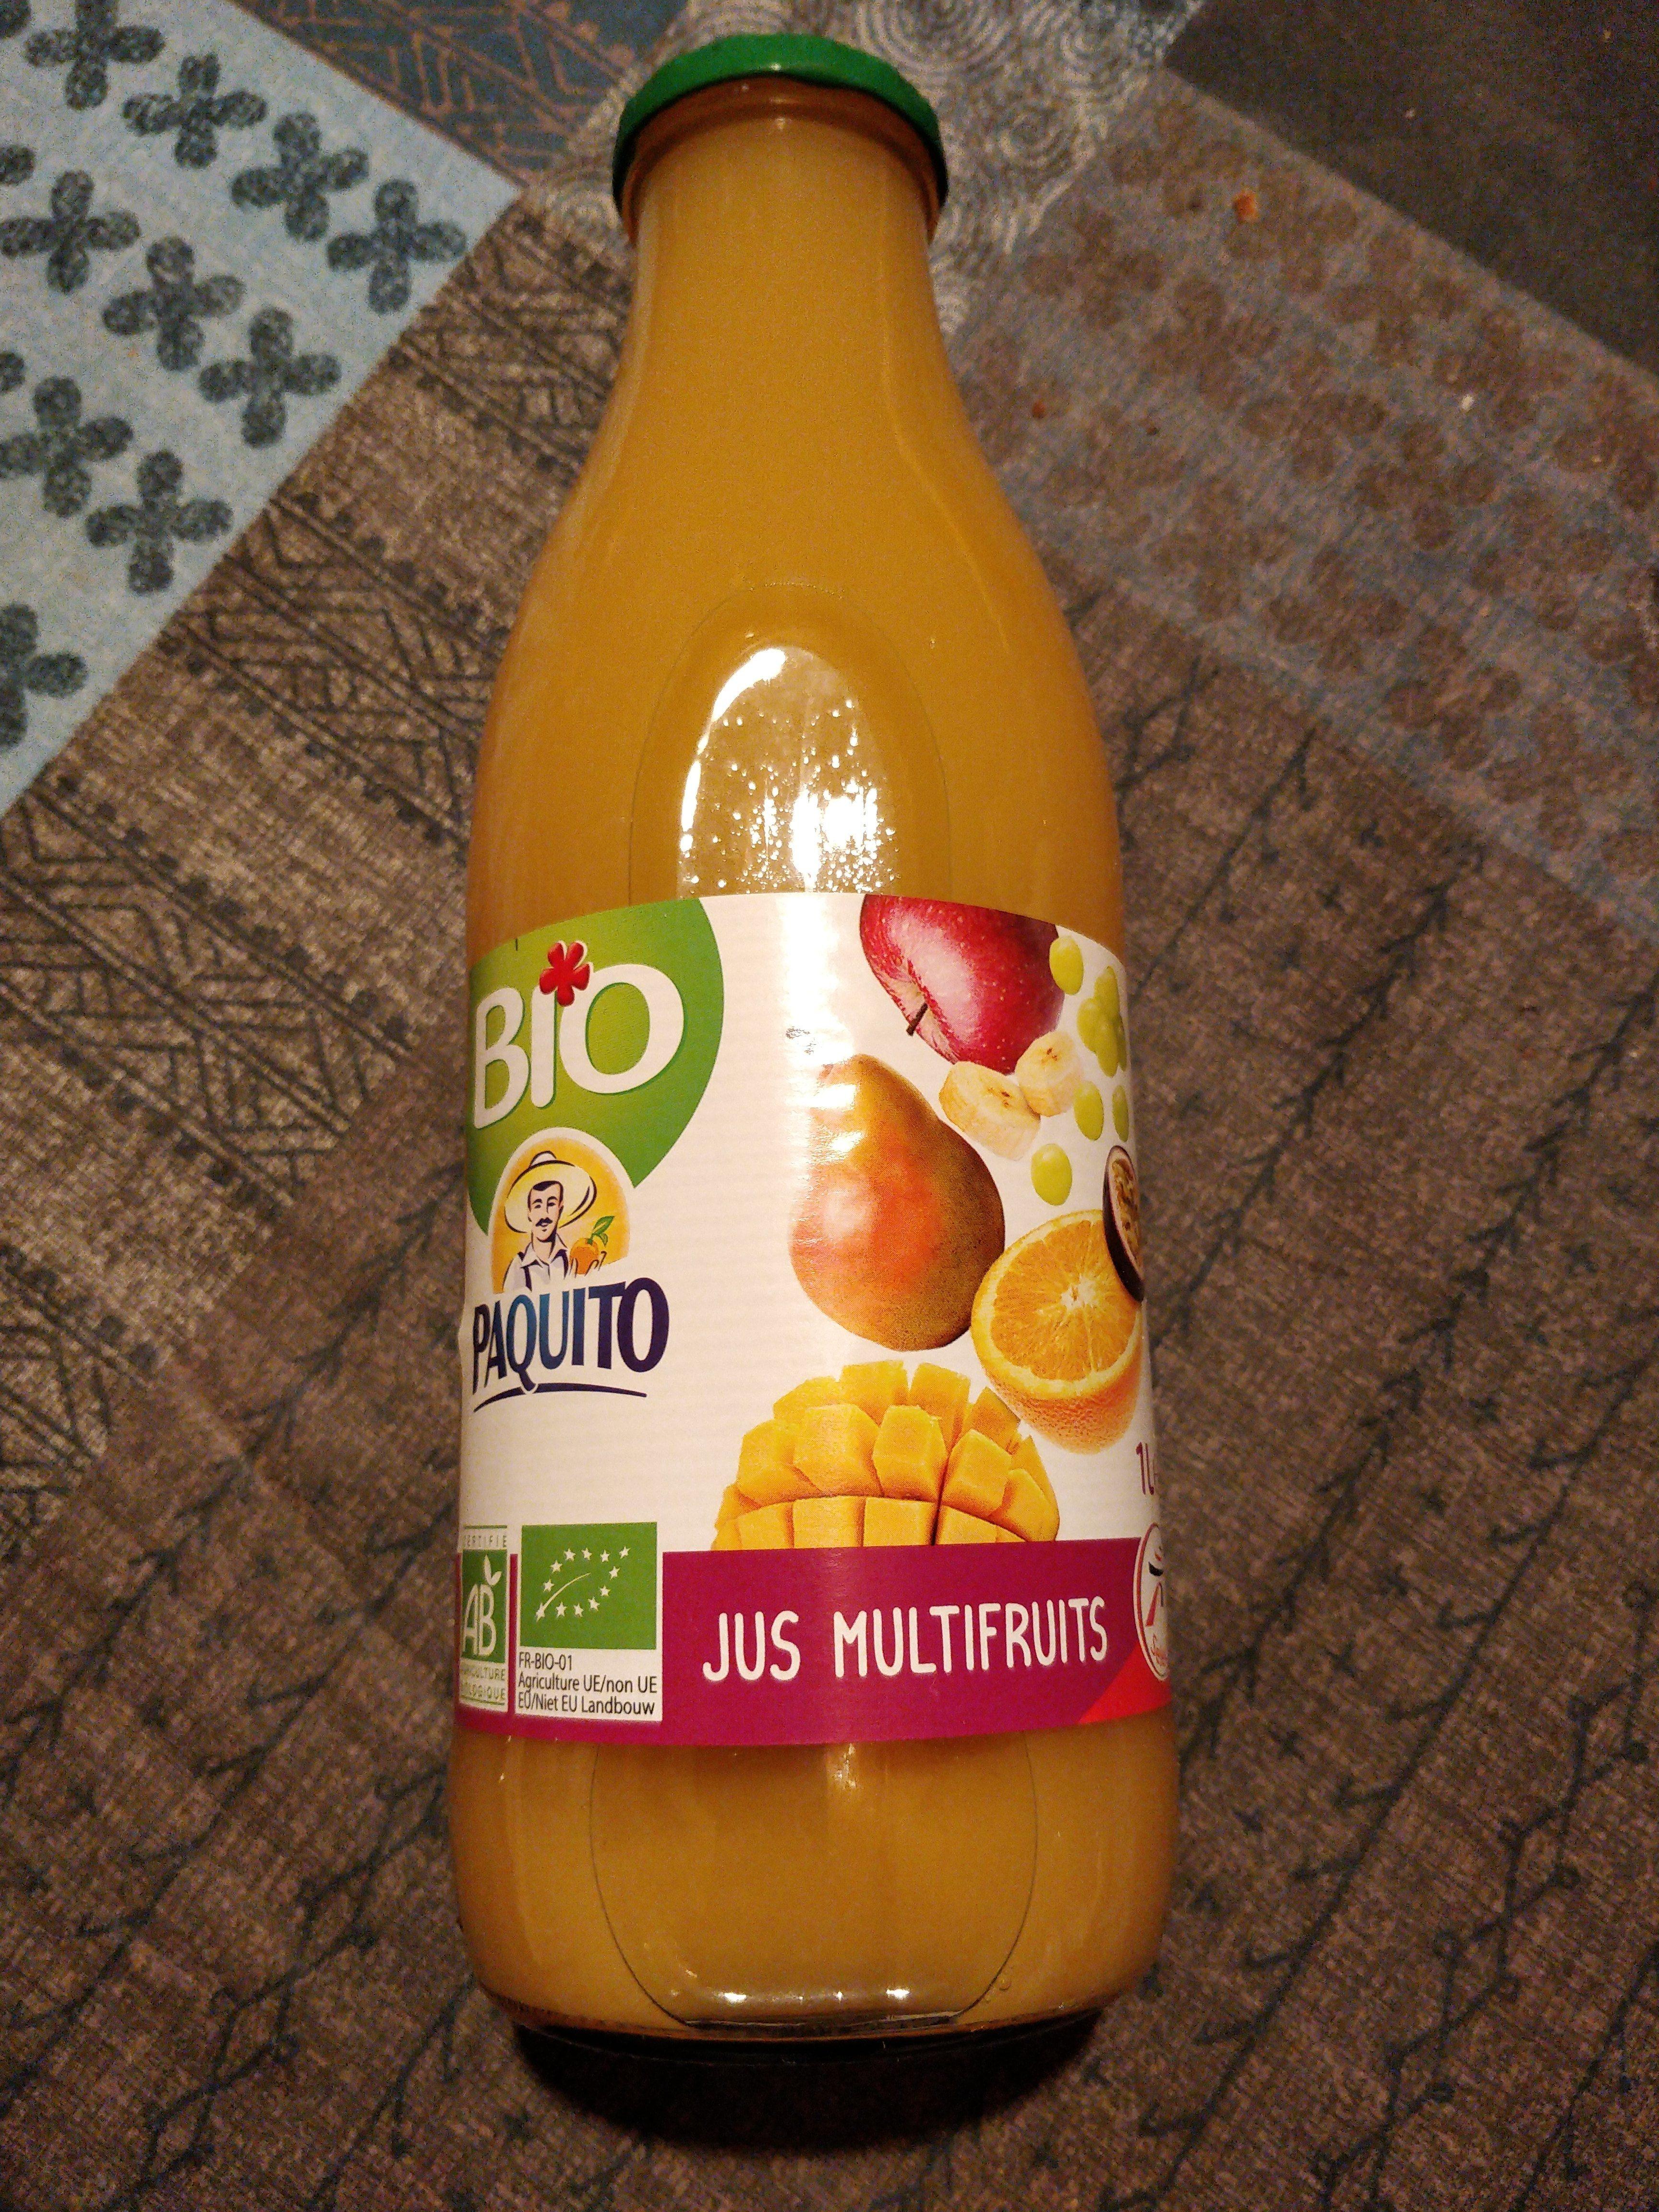 100 pur jus multifruits bio la bouteille en verre d 39 1 litre paquito. Black Bedroom Furniture Sets. Home Design Ideas